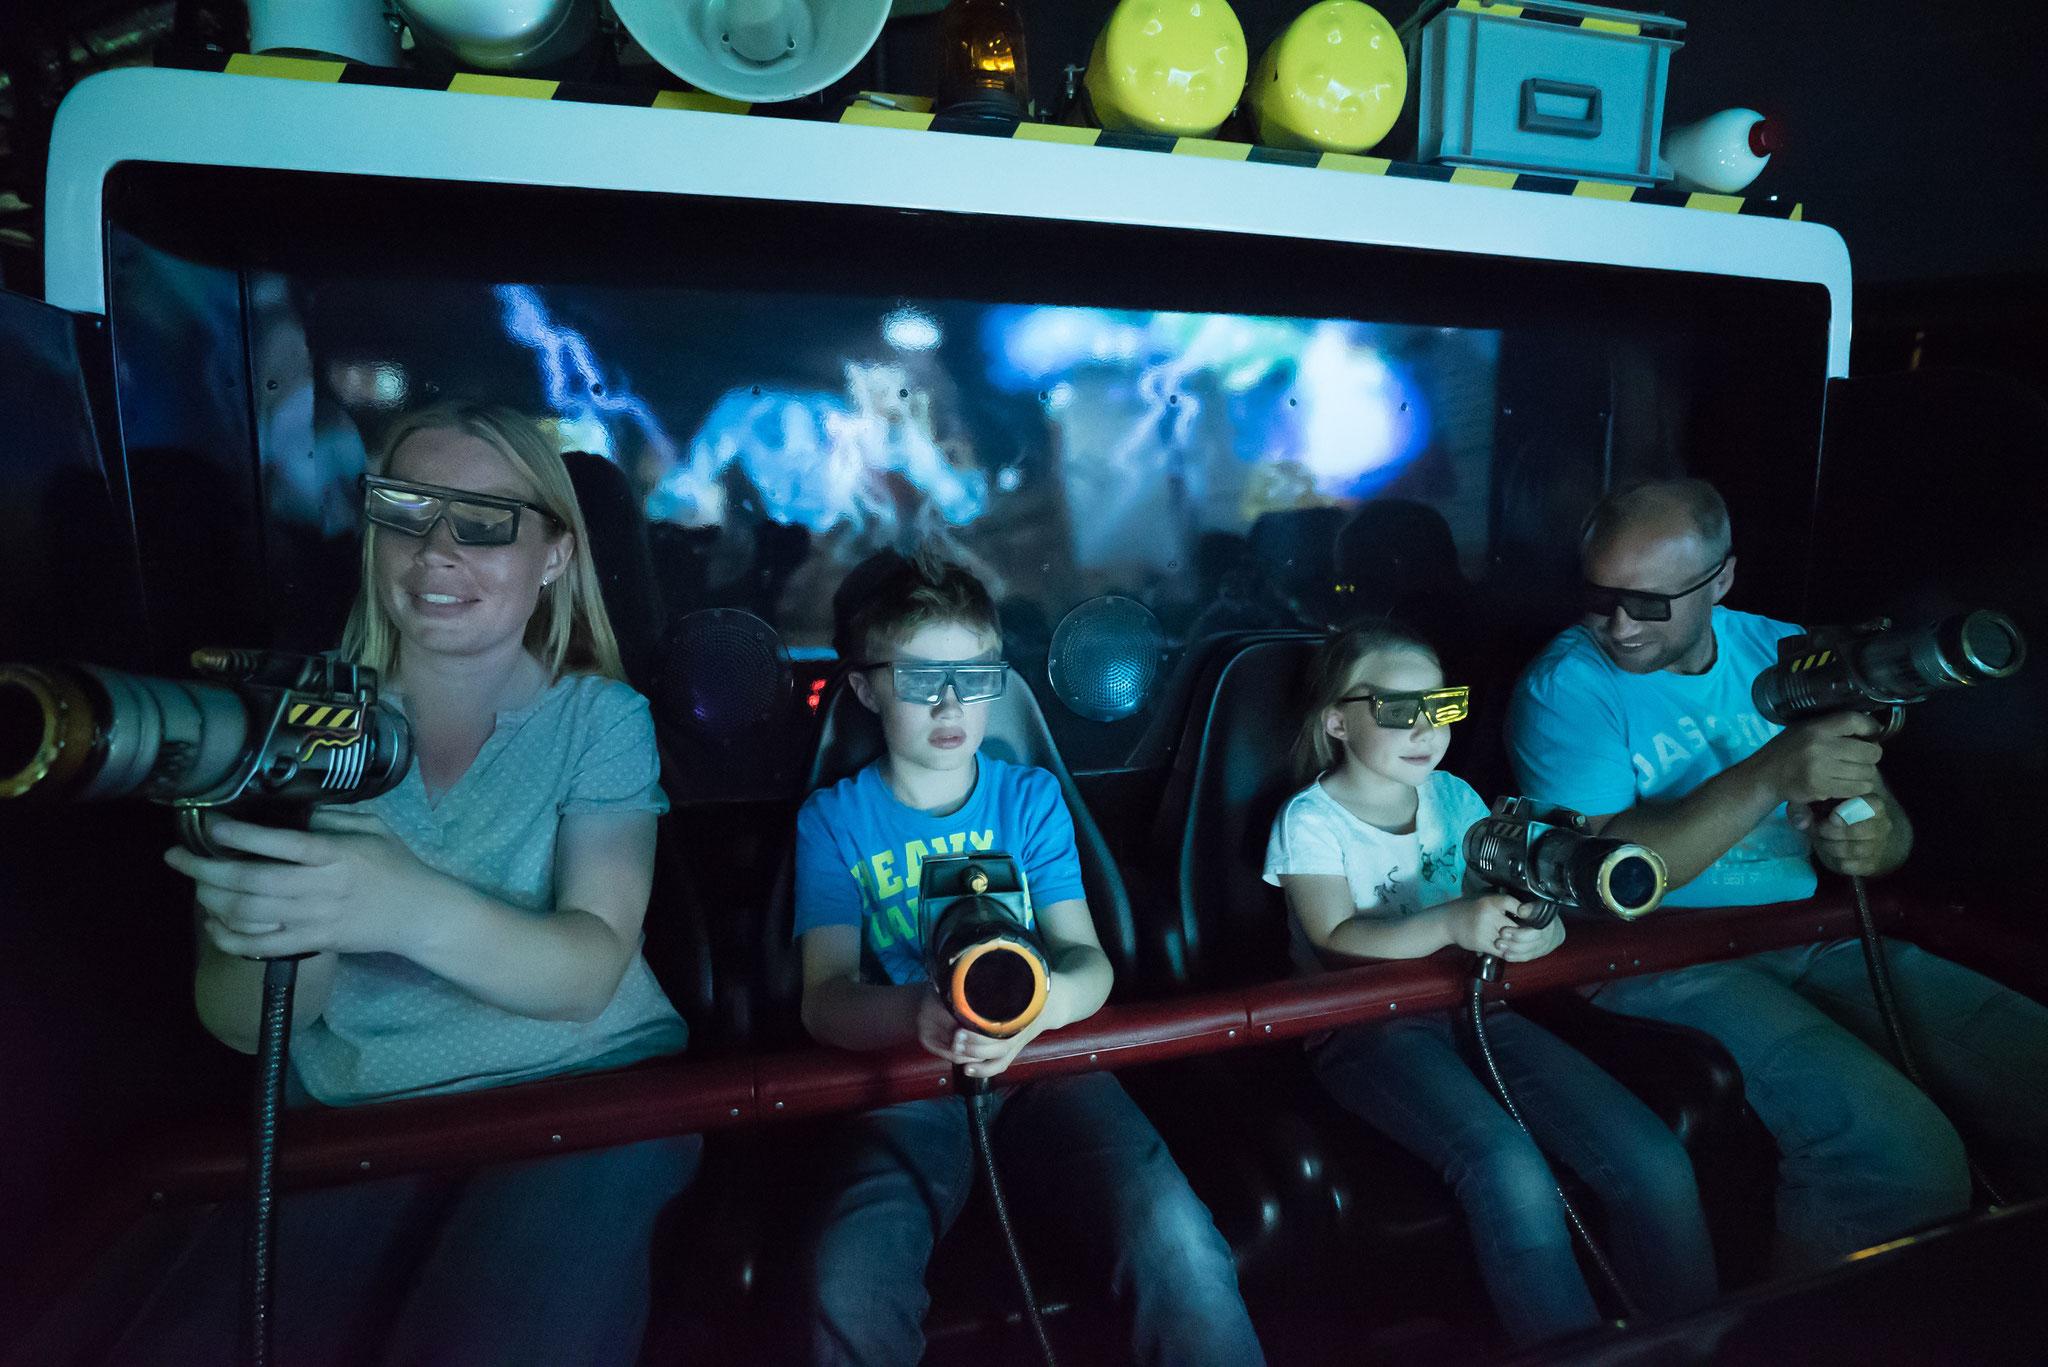 Ausgestattet mit Laserpistole und 3D-Brille die Geister besiegen